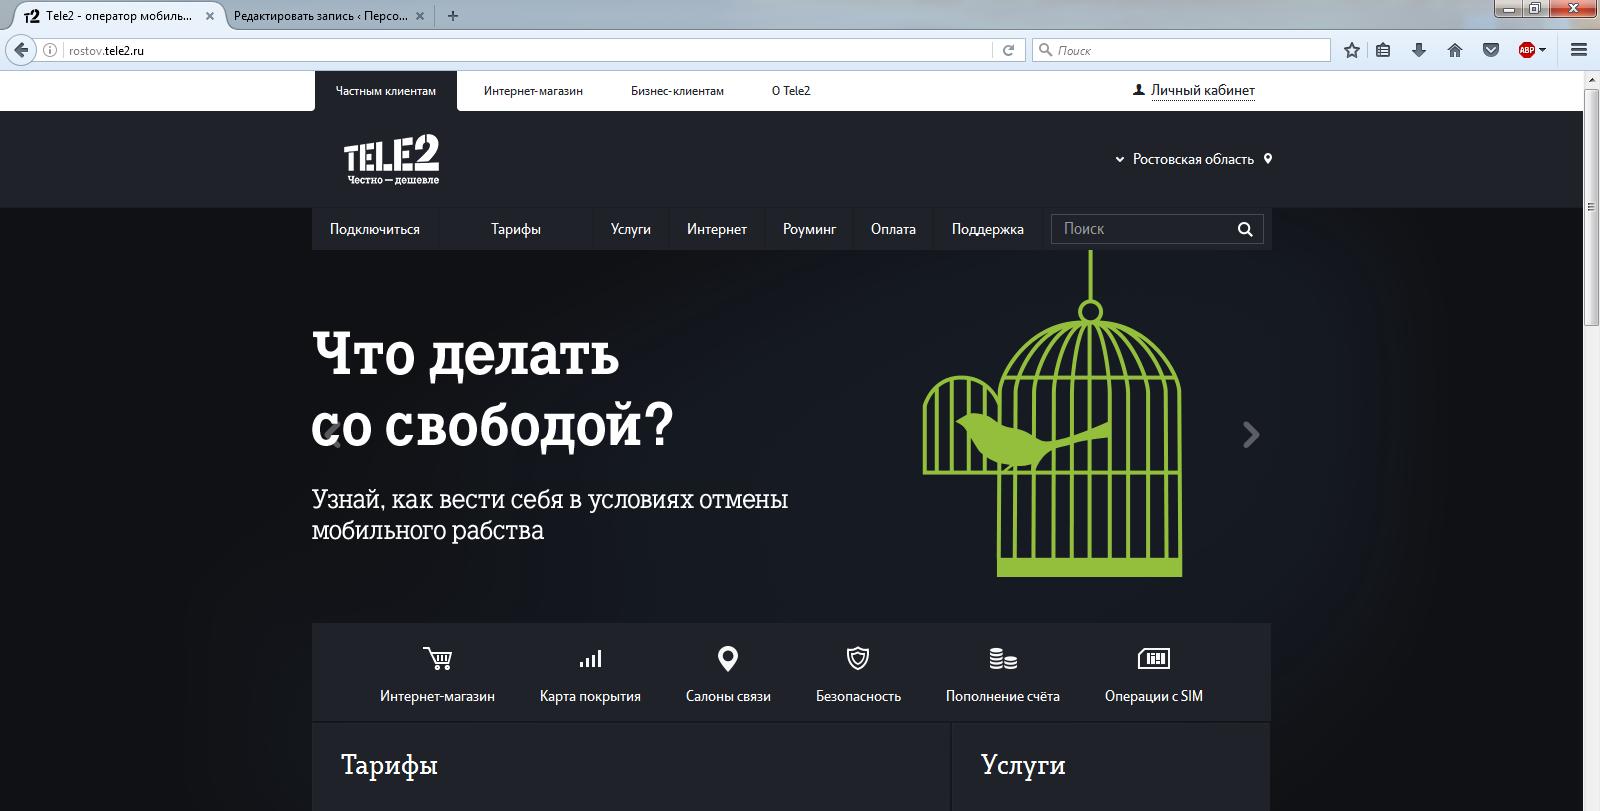 tele2-site